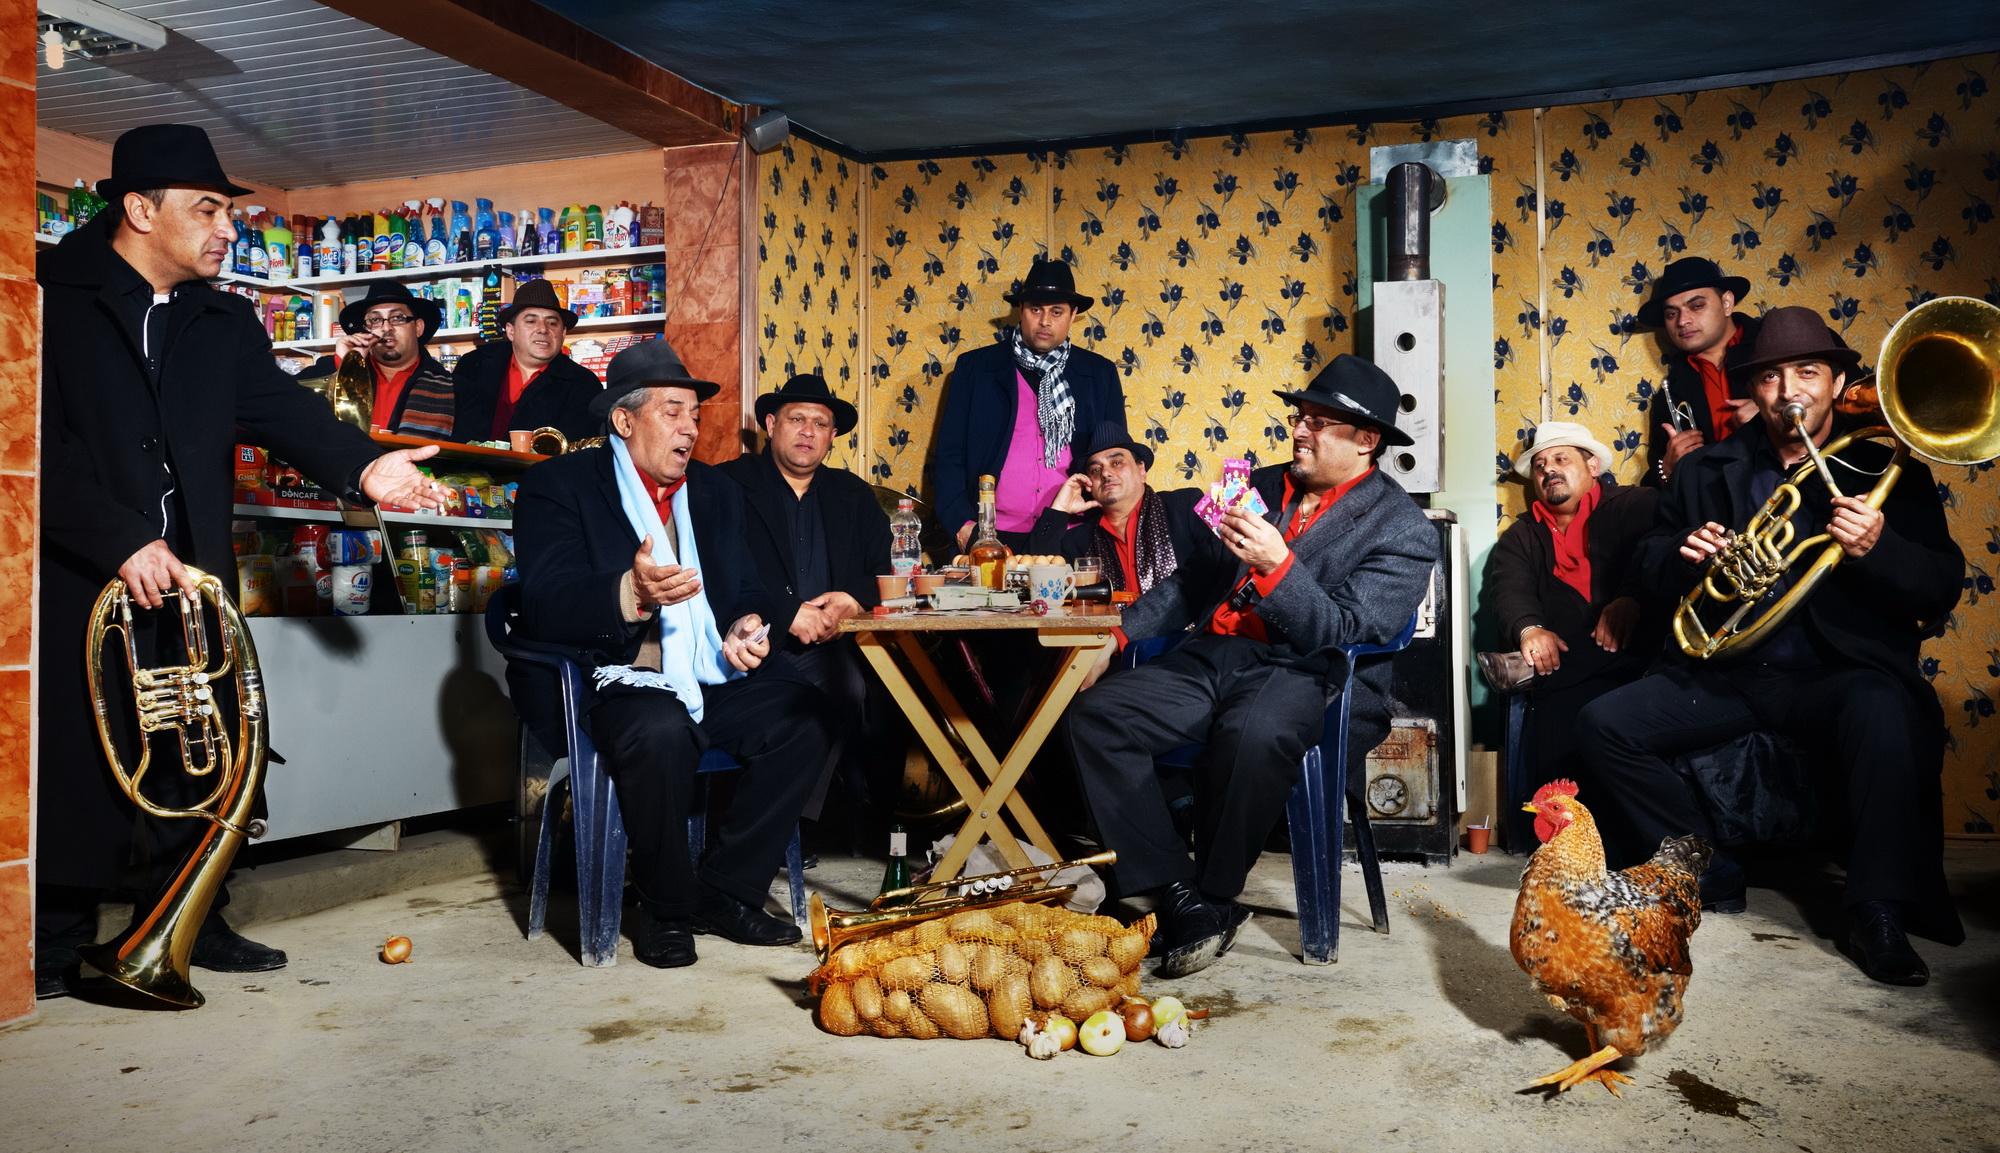 Кустурица и «Время цыган» в Израиле: международный фестиваль балканской и цыганской музыки